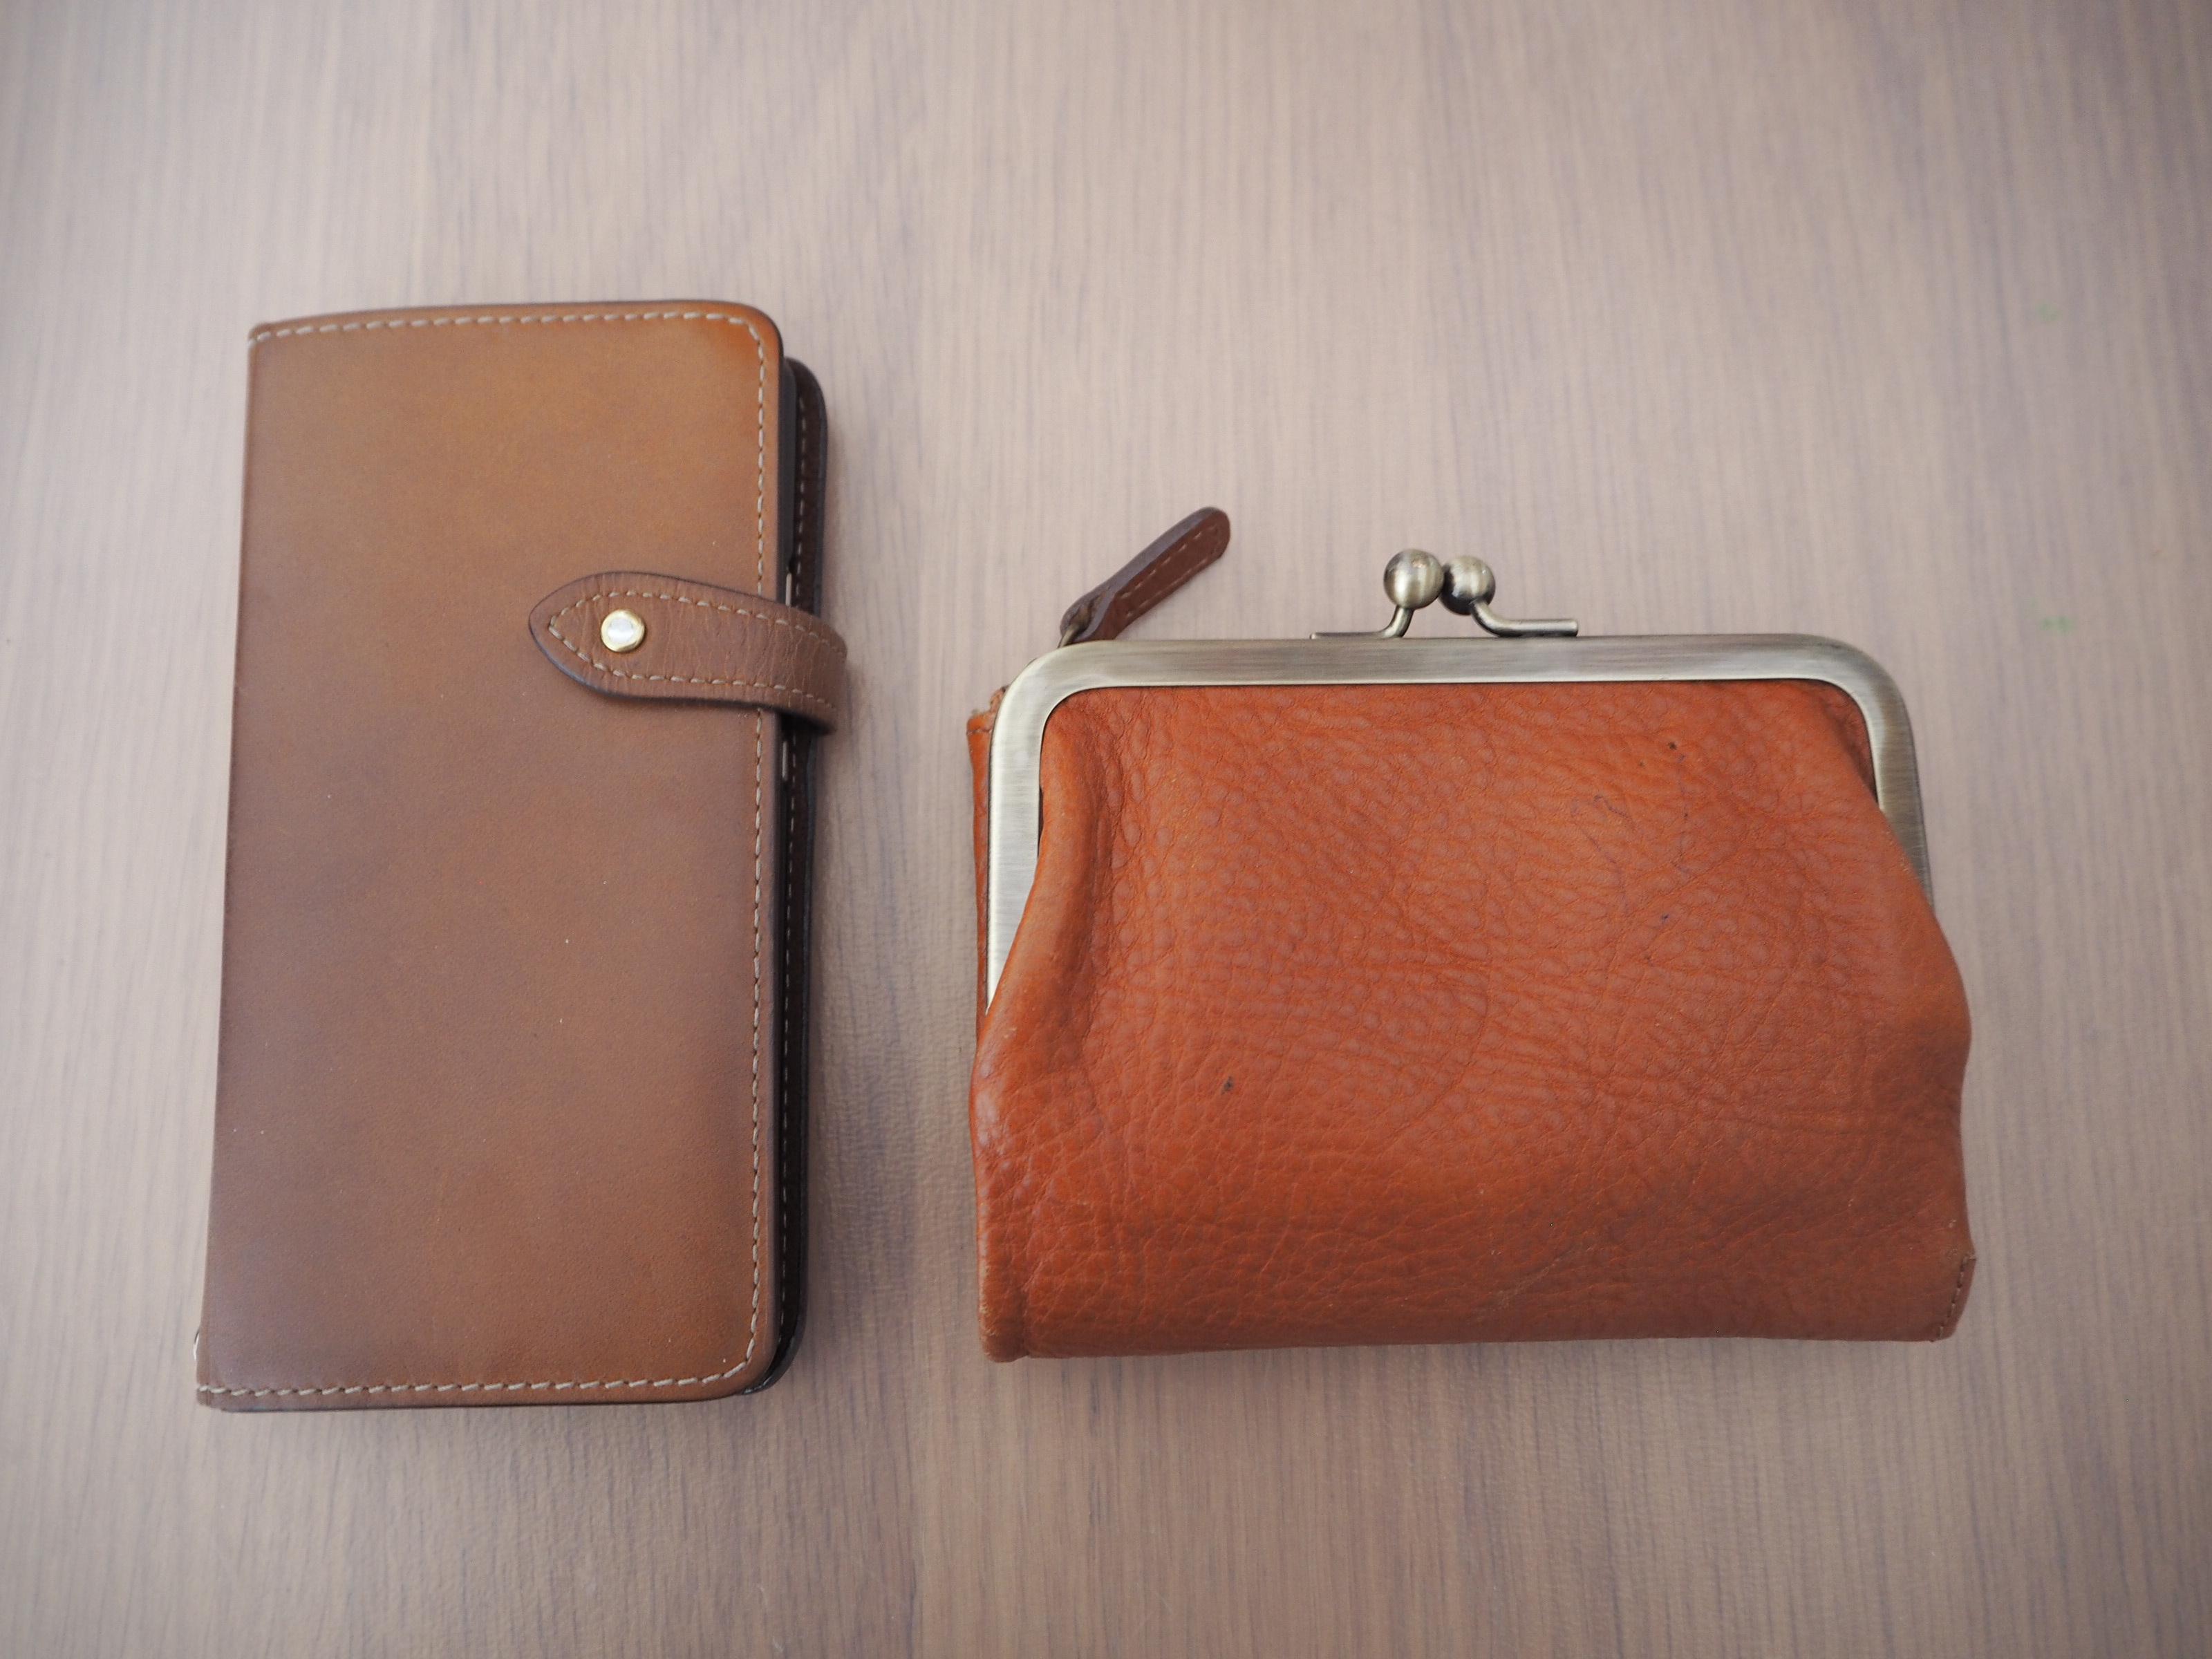 スマホとお財布